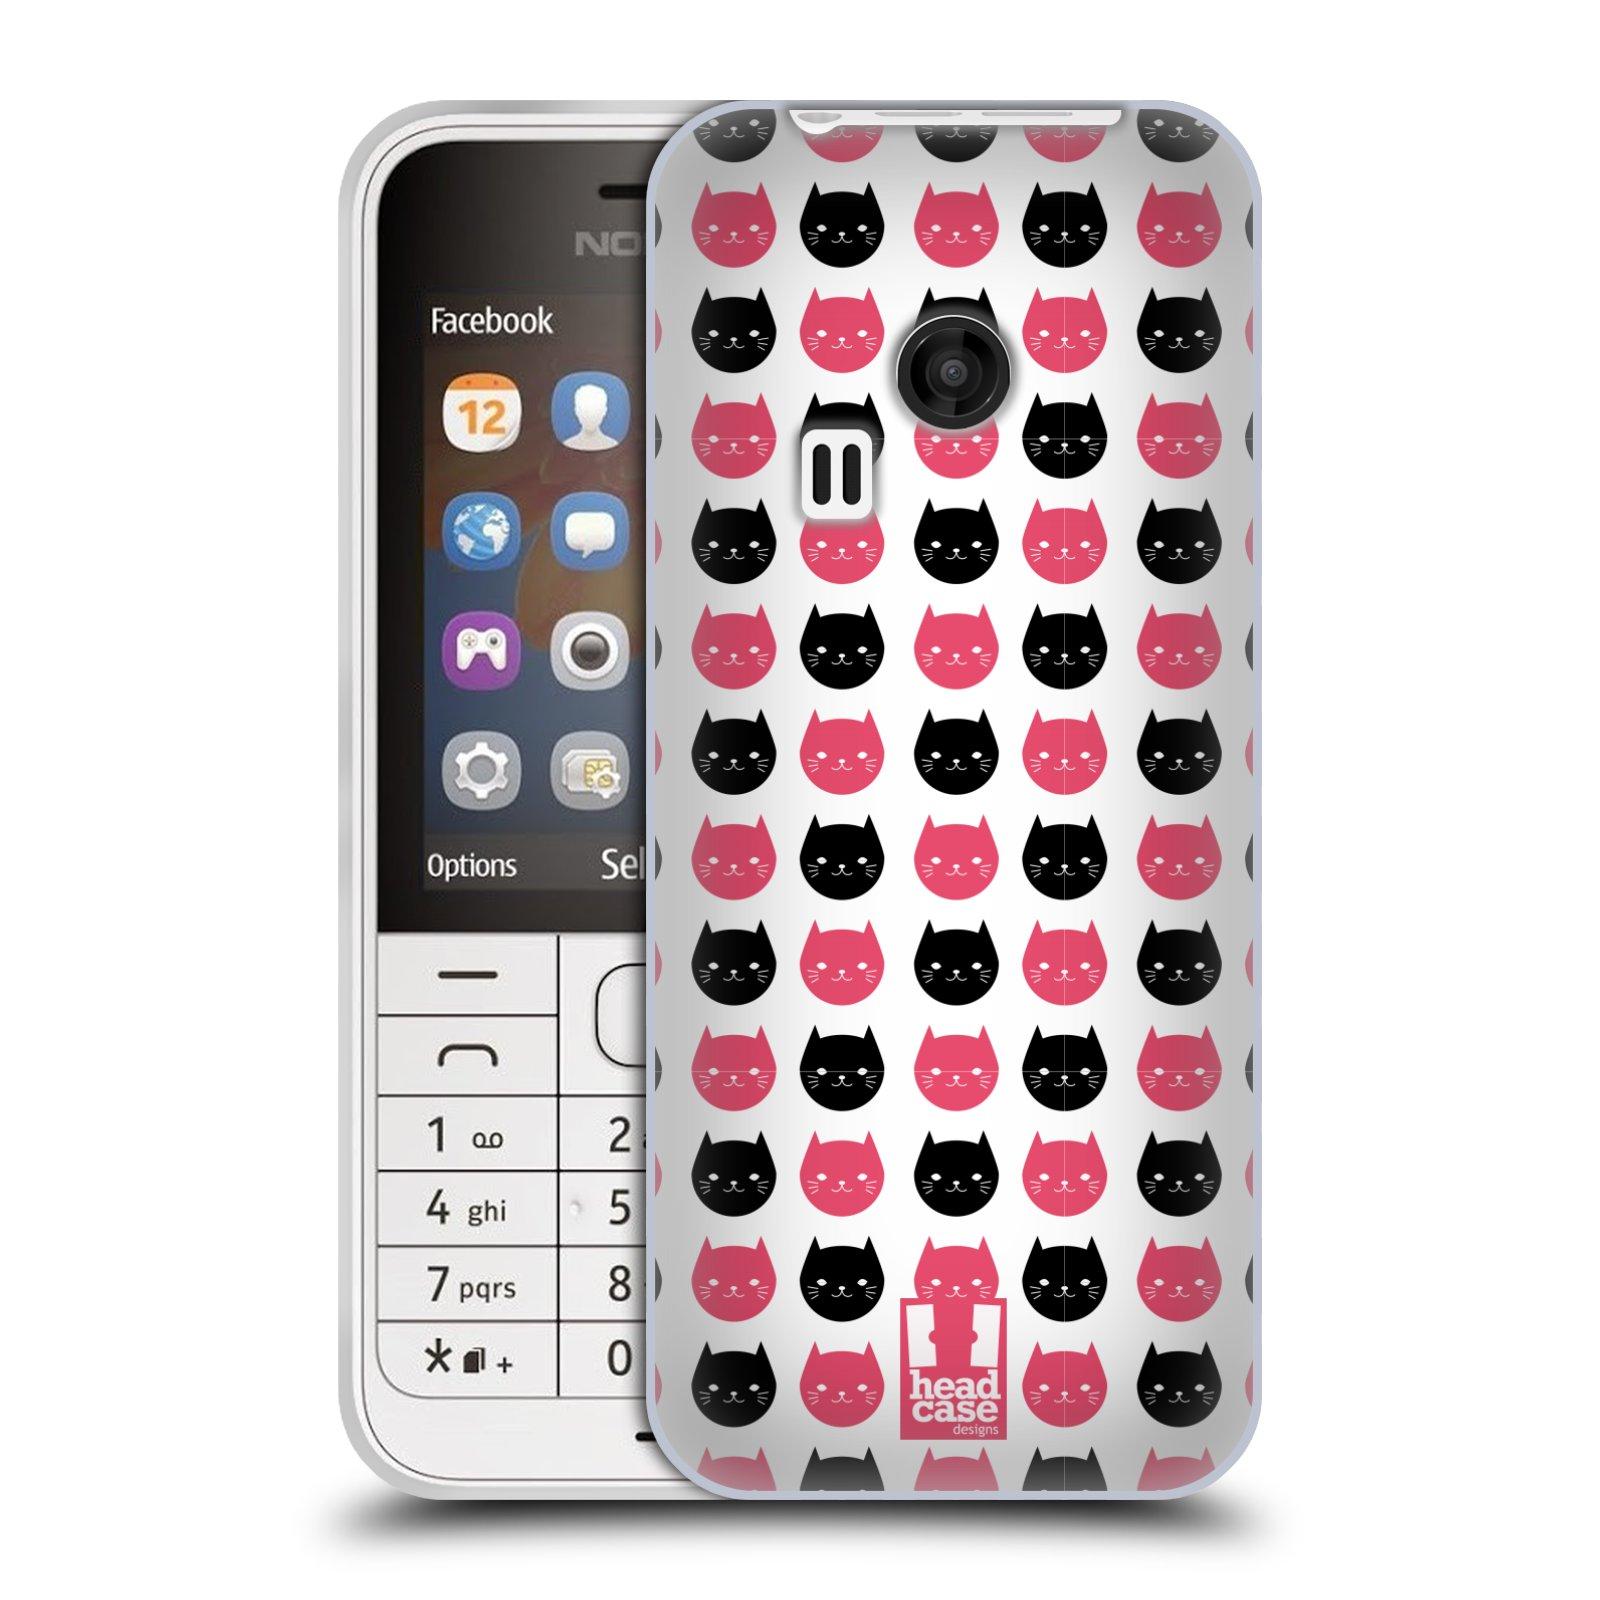 Silikonové pouzdro na mobil Nokia 220 HEAD CASE KOČKY Black and Pink (Silikonový kryt či obal na mobilní telefon Nokia 220 a 220 Dual SIM)